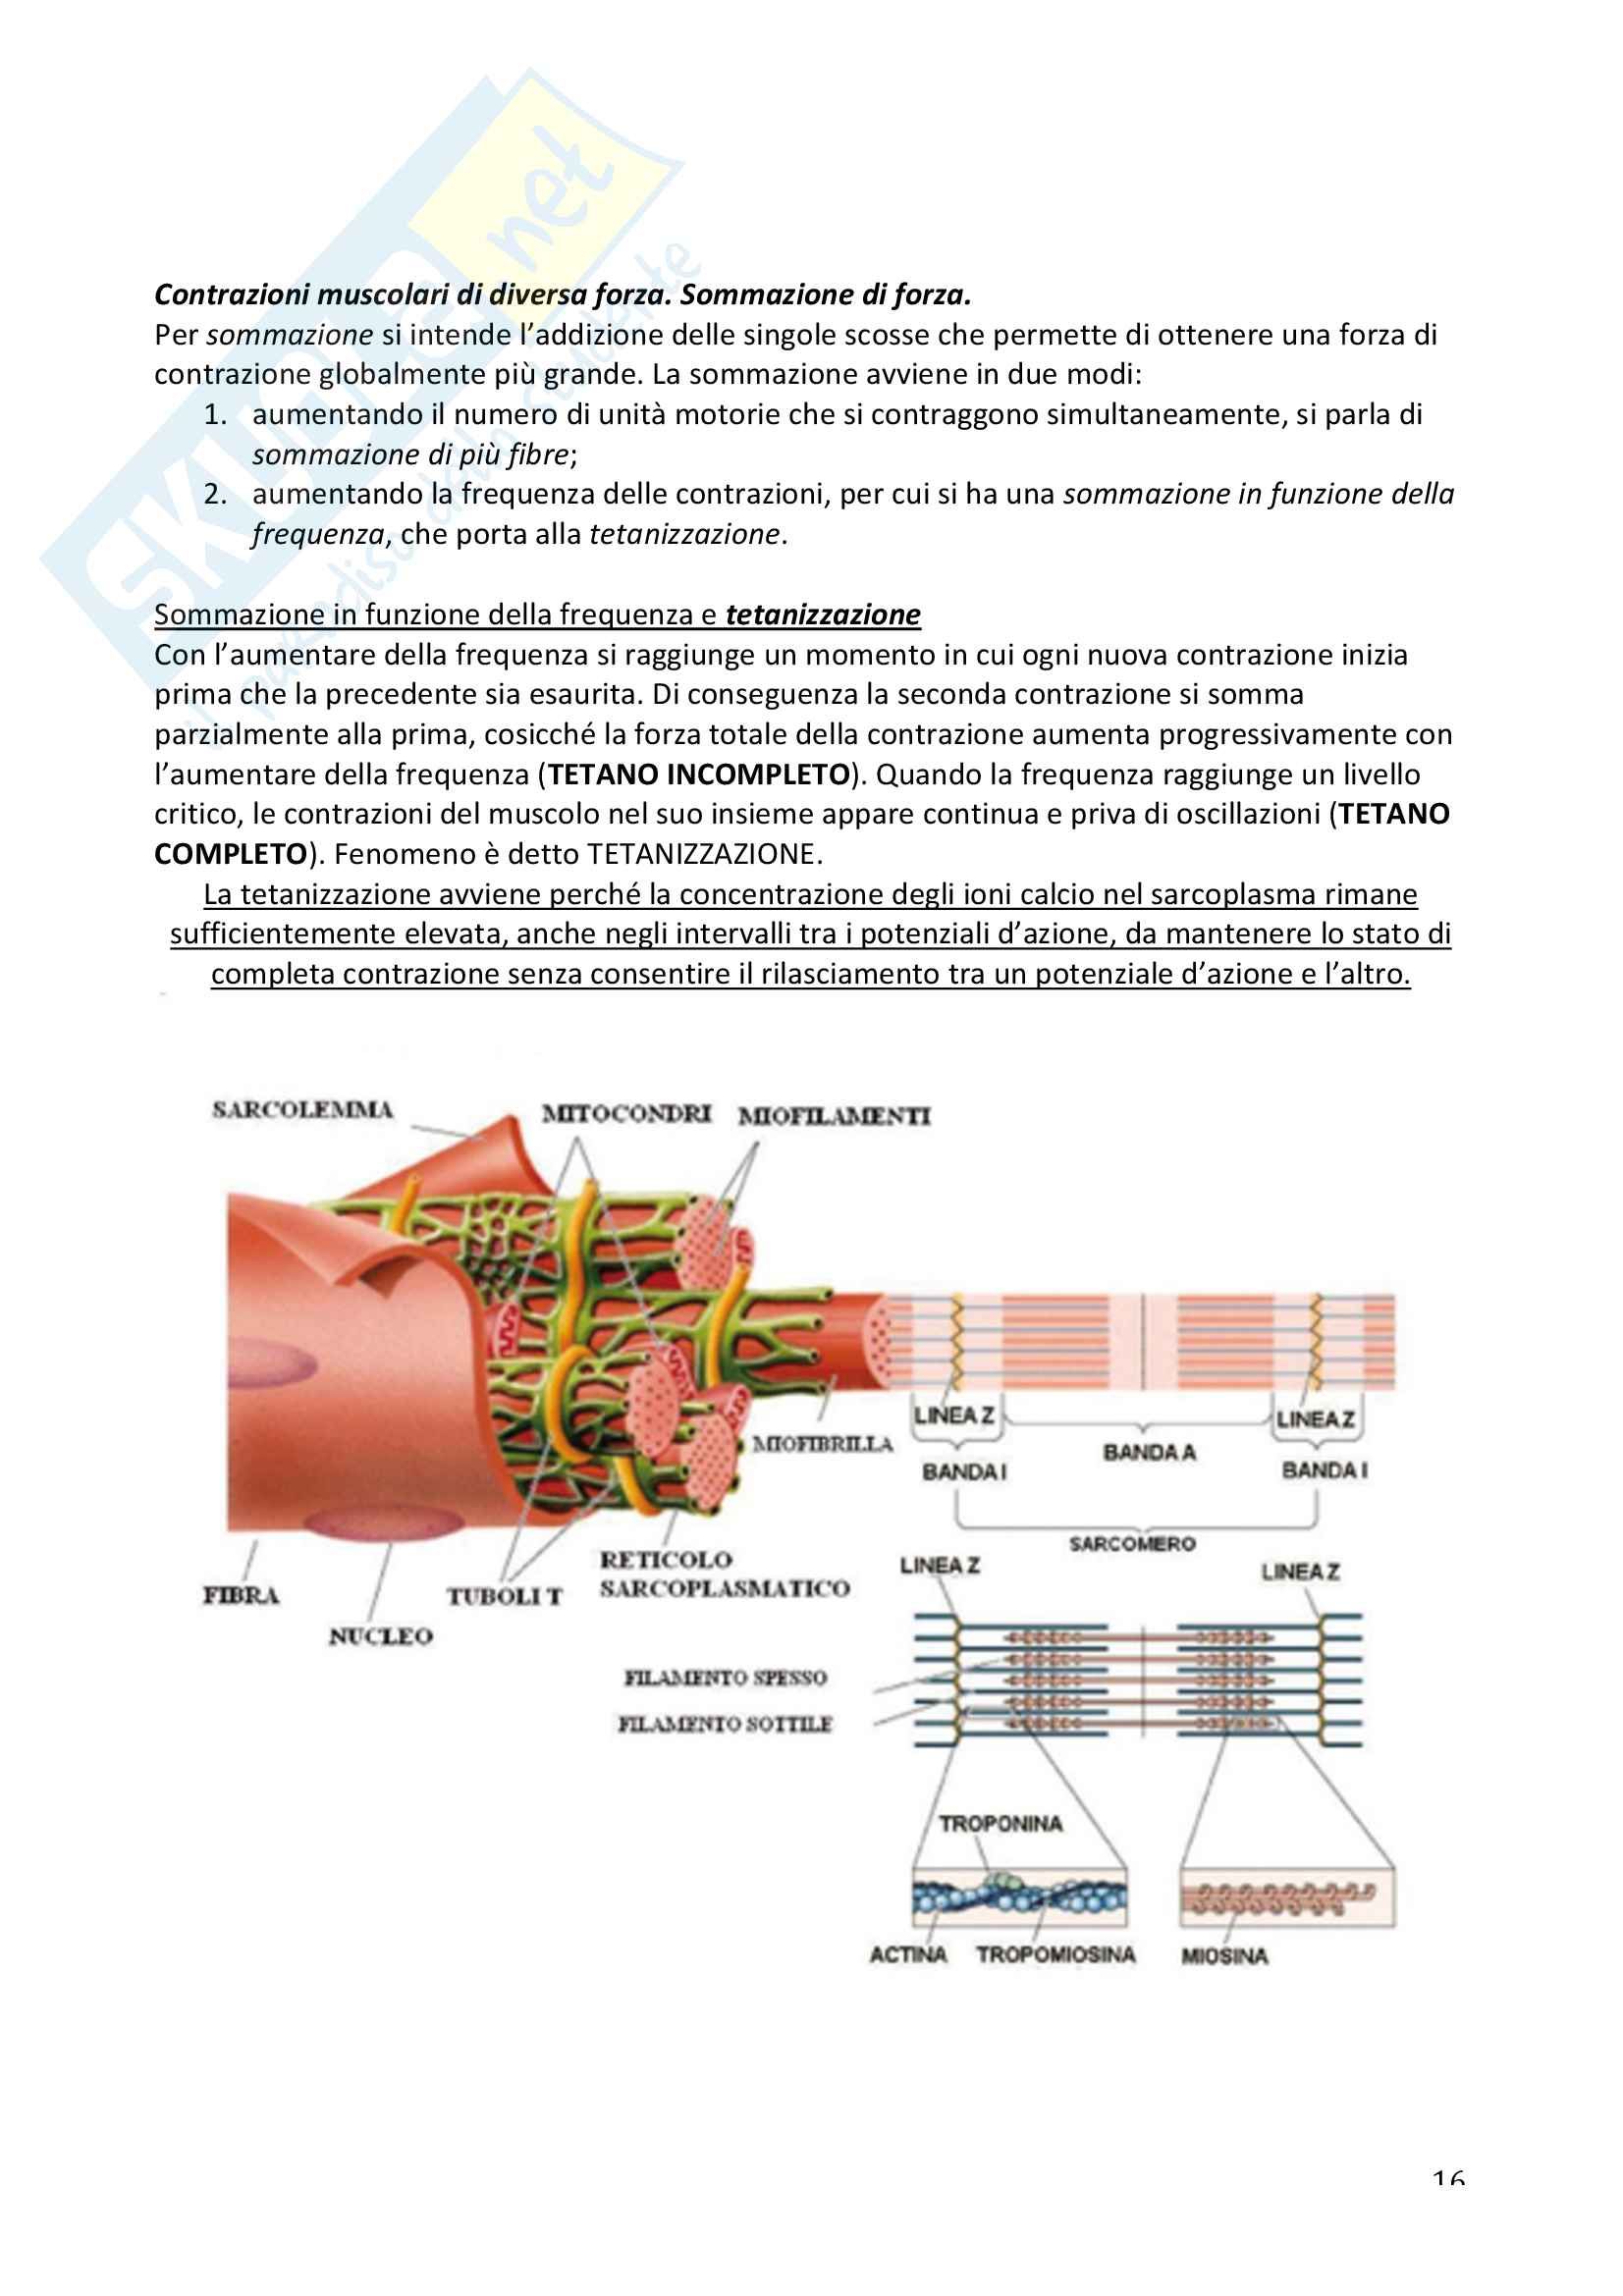 Fisiologia I Pag. 16